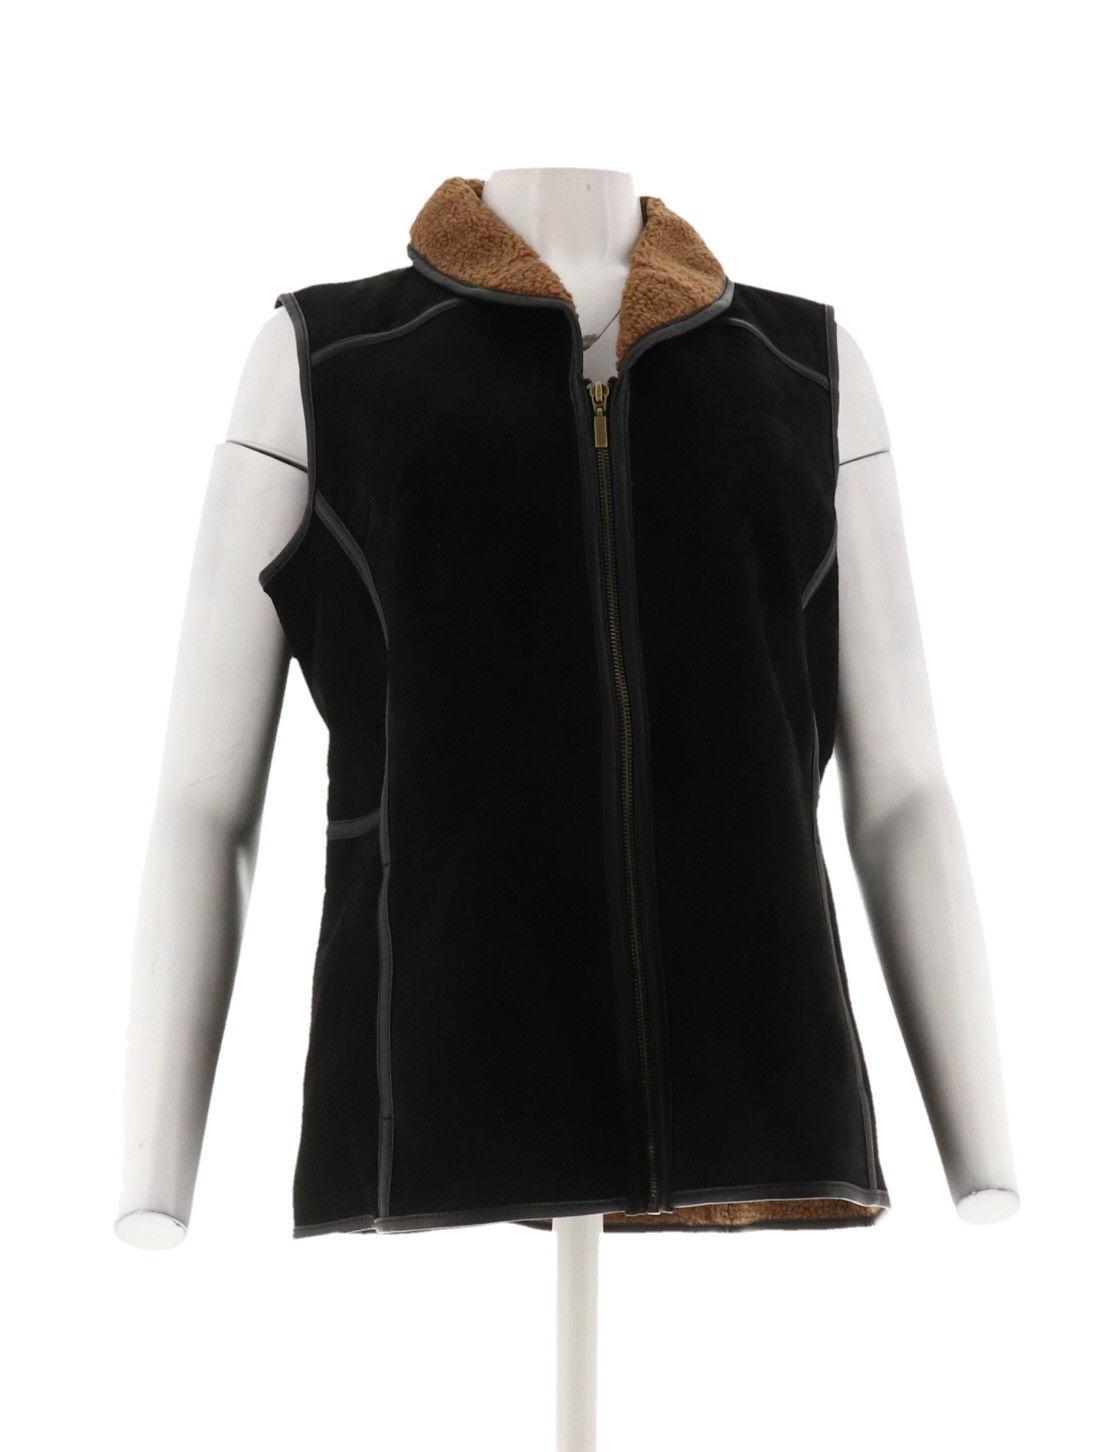 Denim & Co. ante Sherpa Chaleco Negro M NUEVO A270186